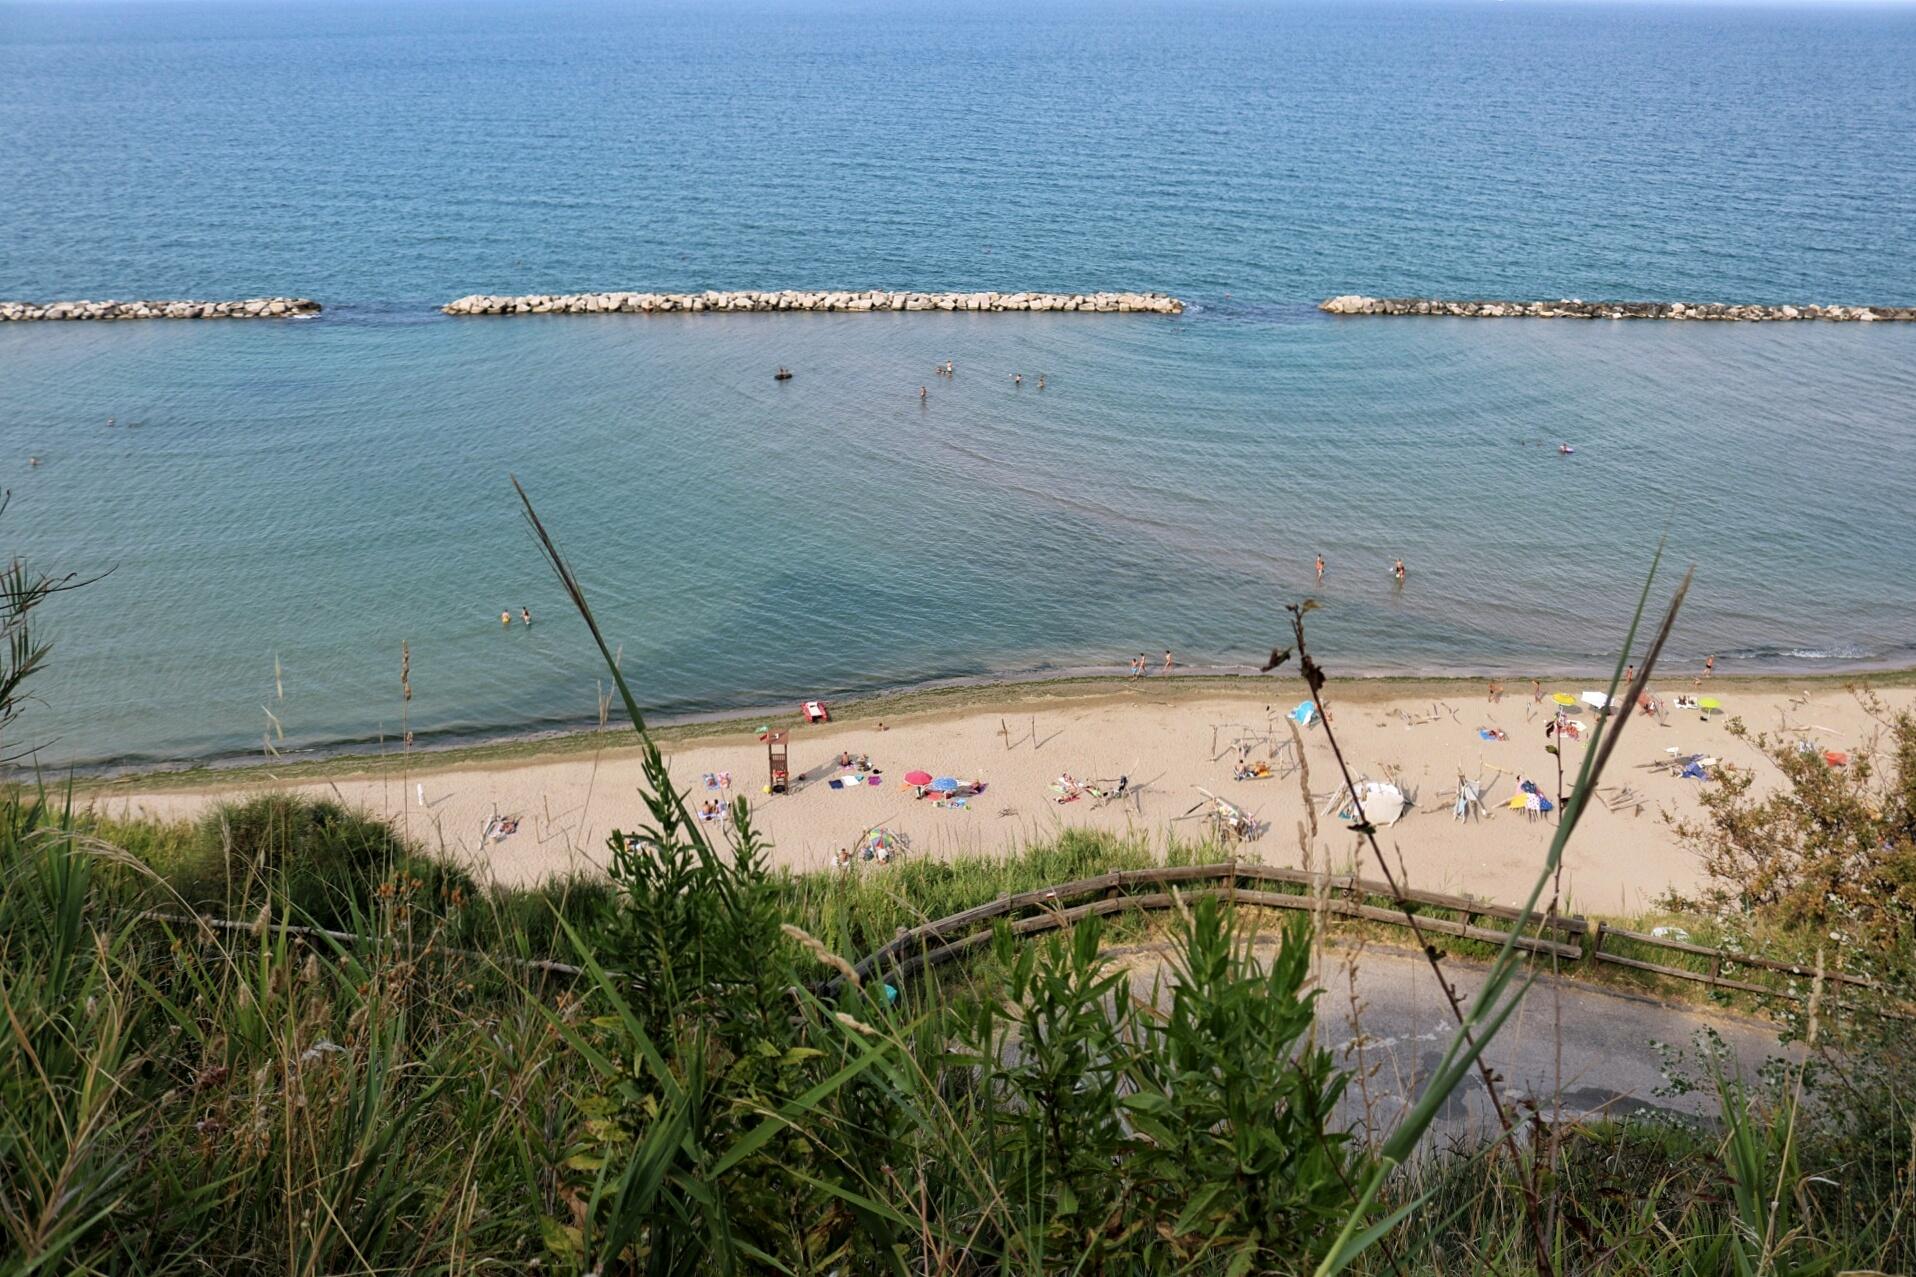 Fiorenzuola di Focara e la sua Spiaggia